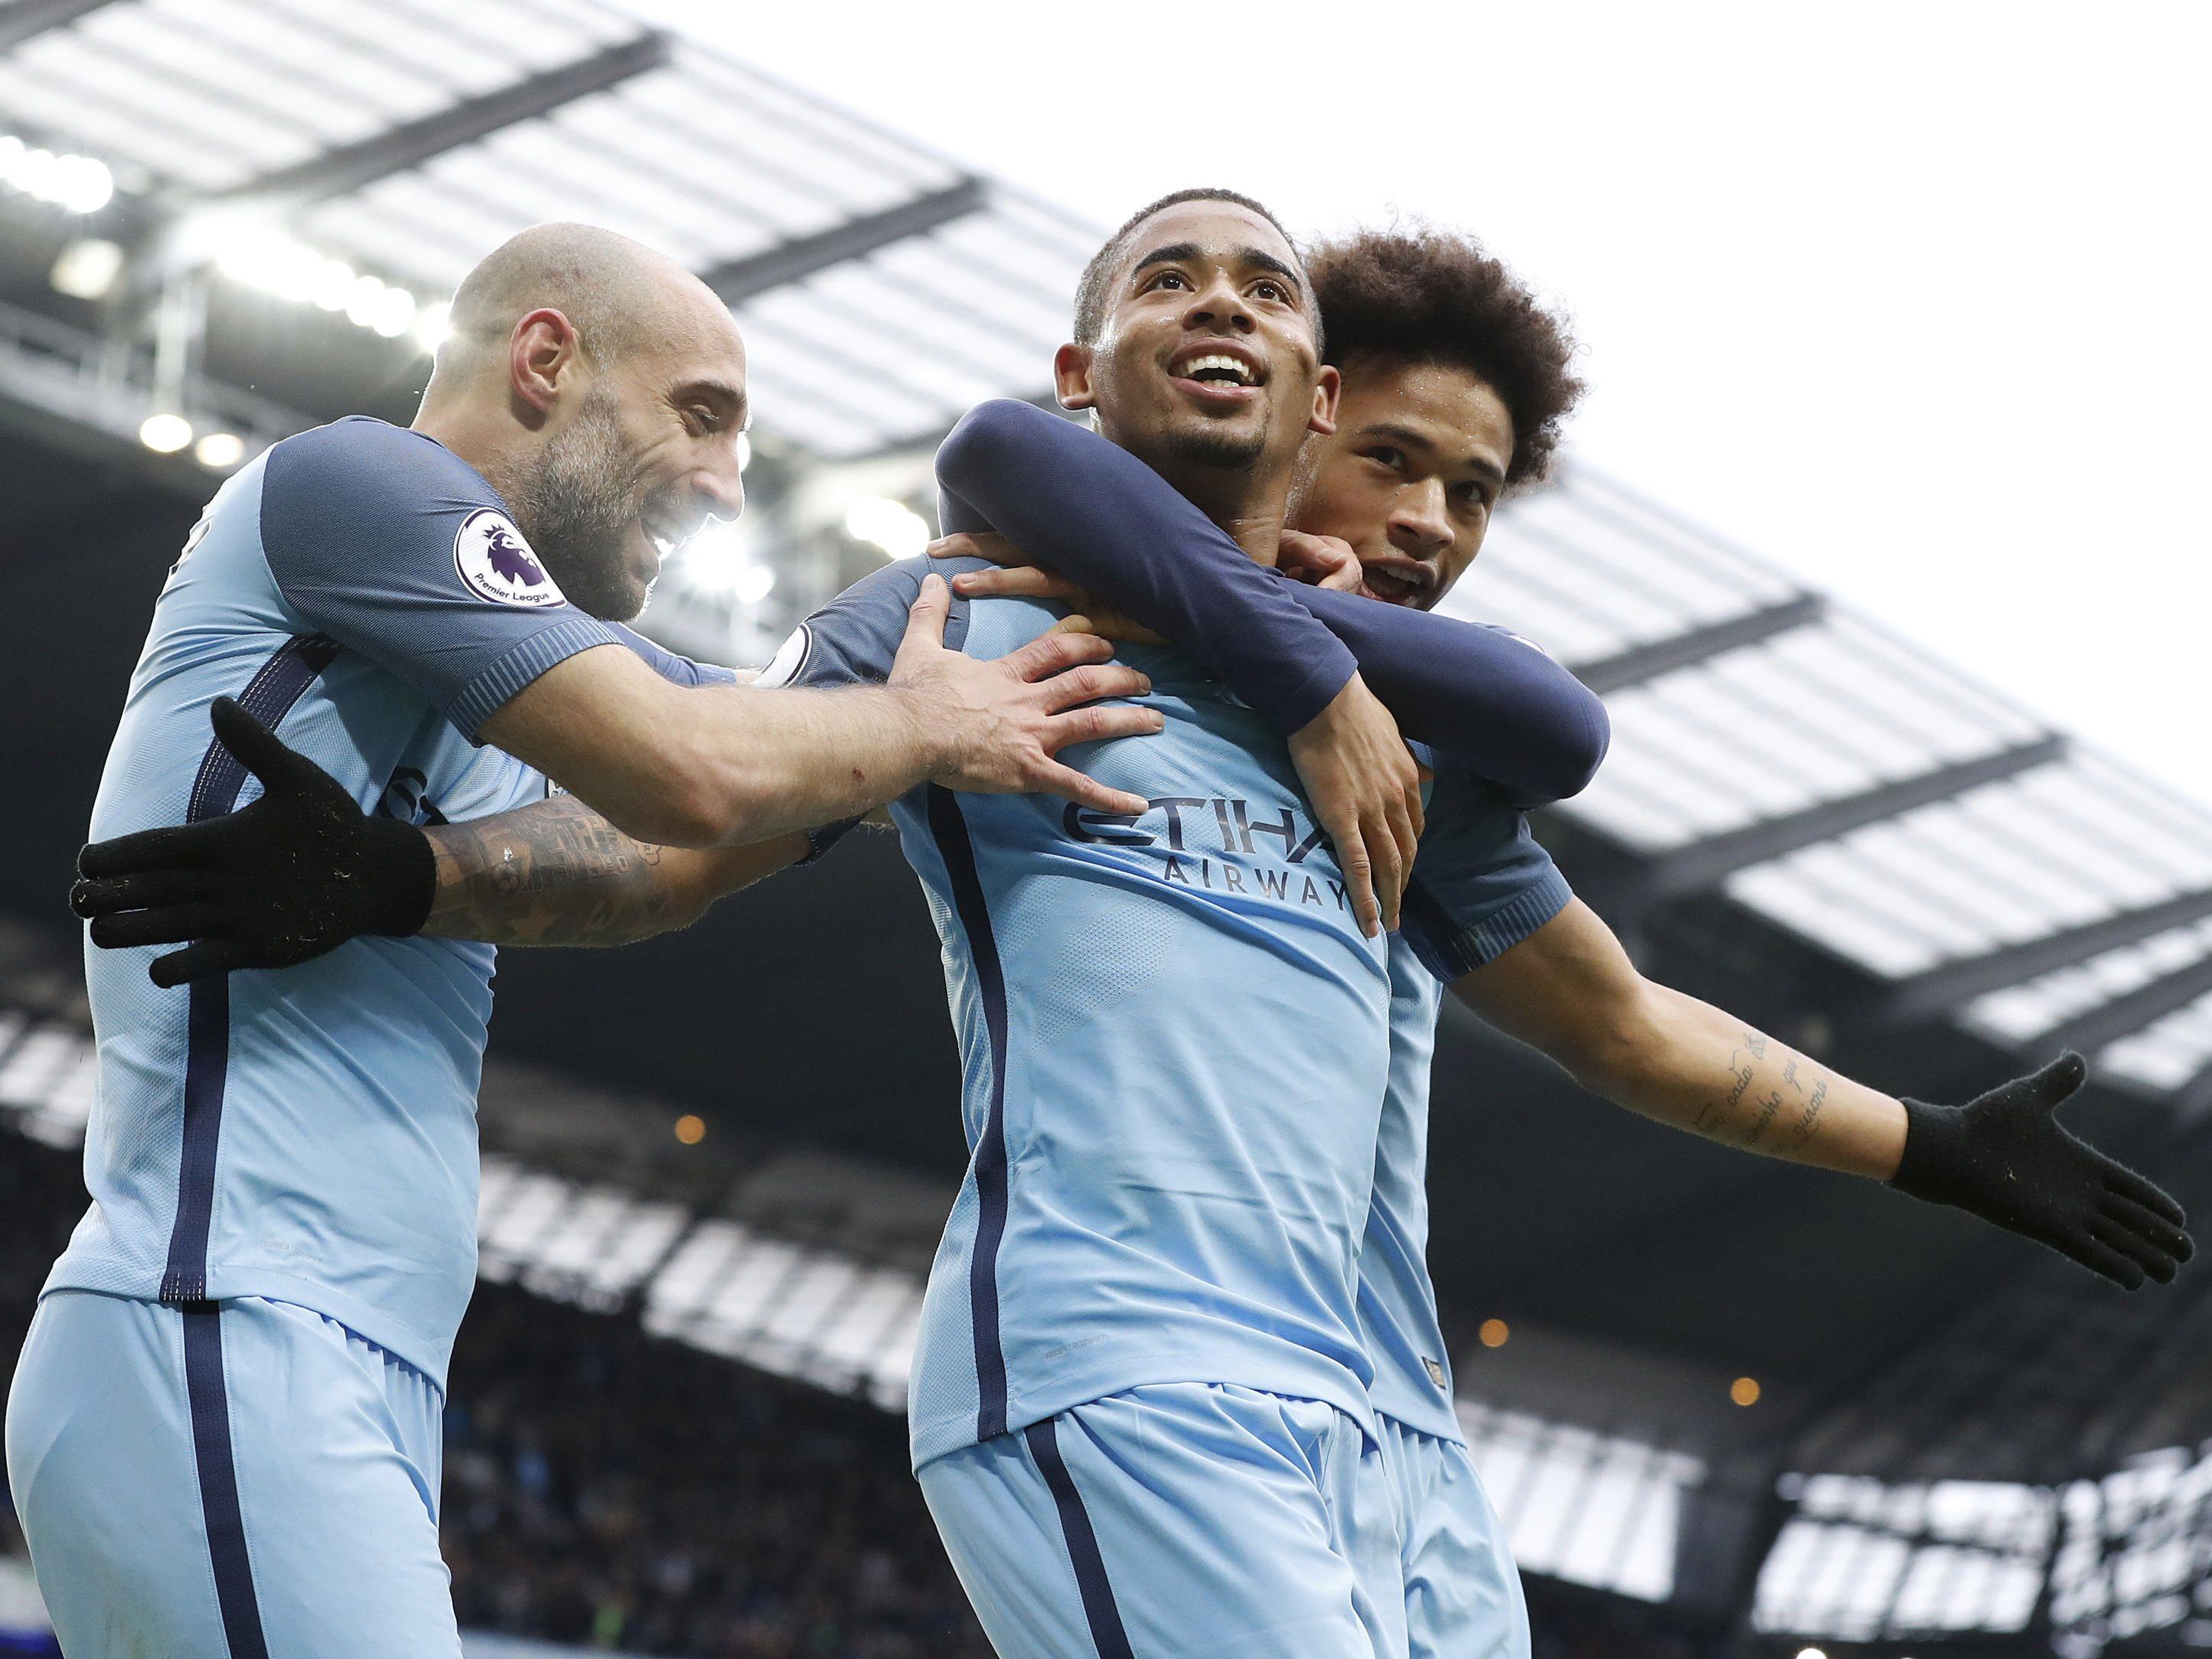 Hier können Sie das Champions League Match zwischen Manchester City und Monaco sehen.